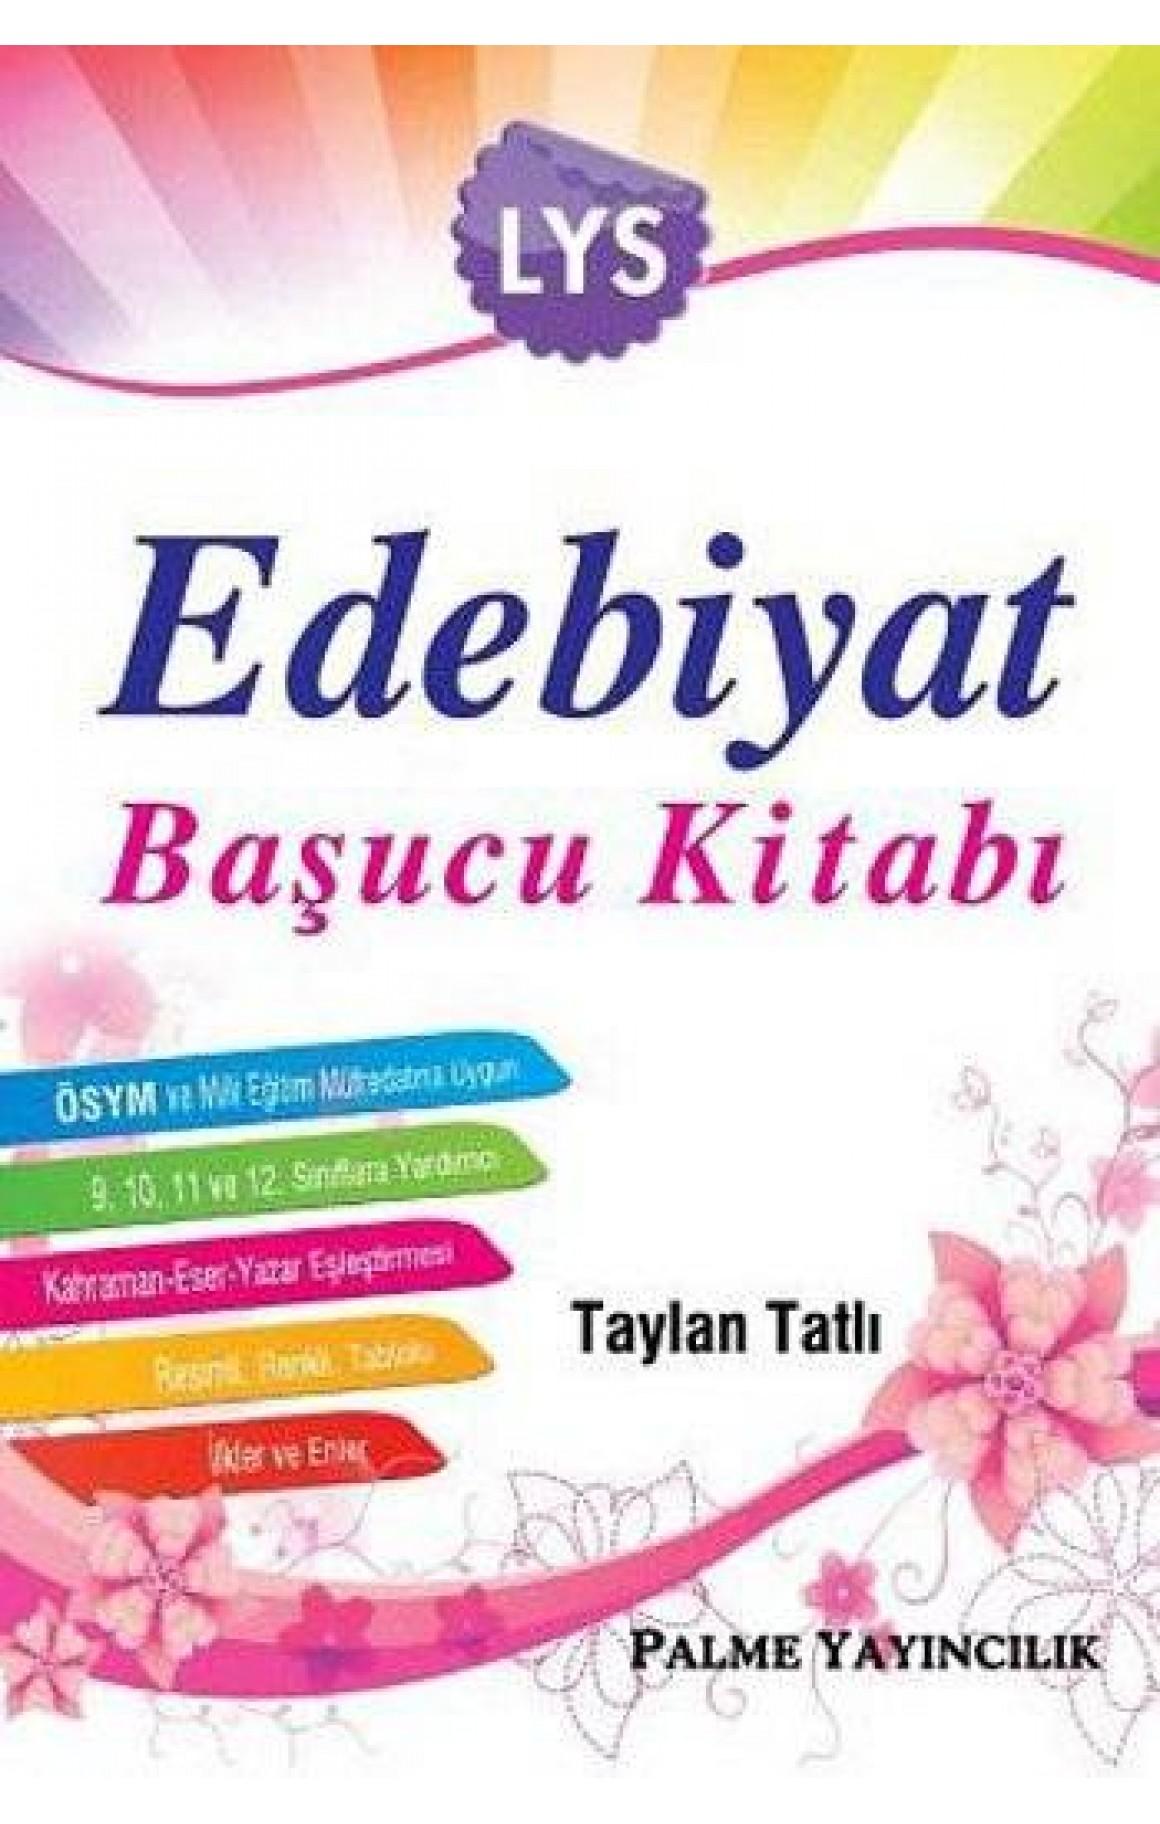 LYS Edebiyat Başucu Kitabı